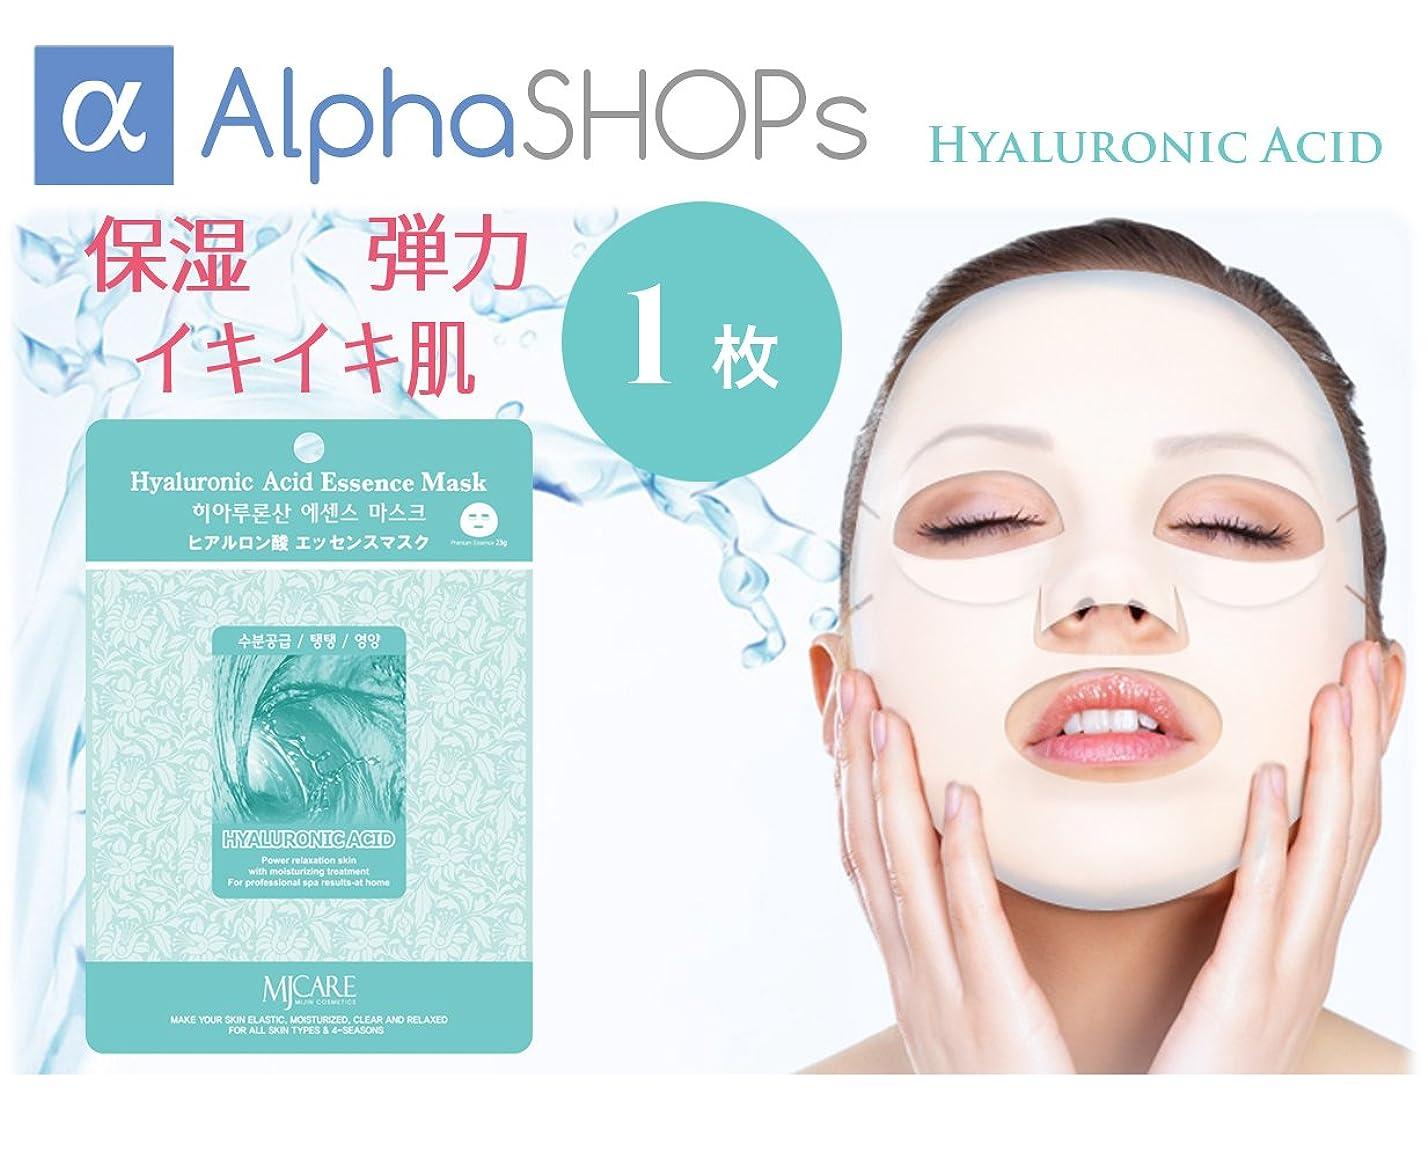 高尚な生産性距離シートマスク パック 1枚単品 ヒアルロン酸 エッセンスマスク 韓国コスメ MIJIN(ミジン)